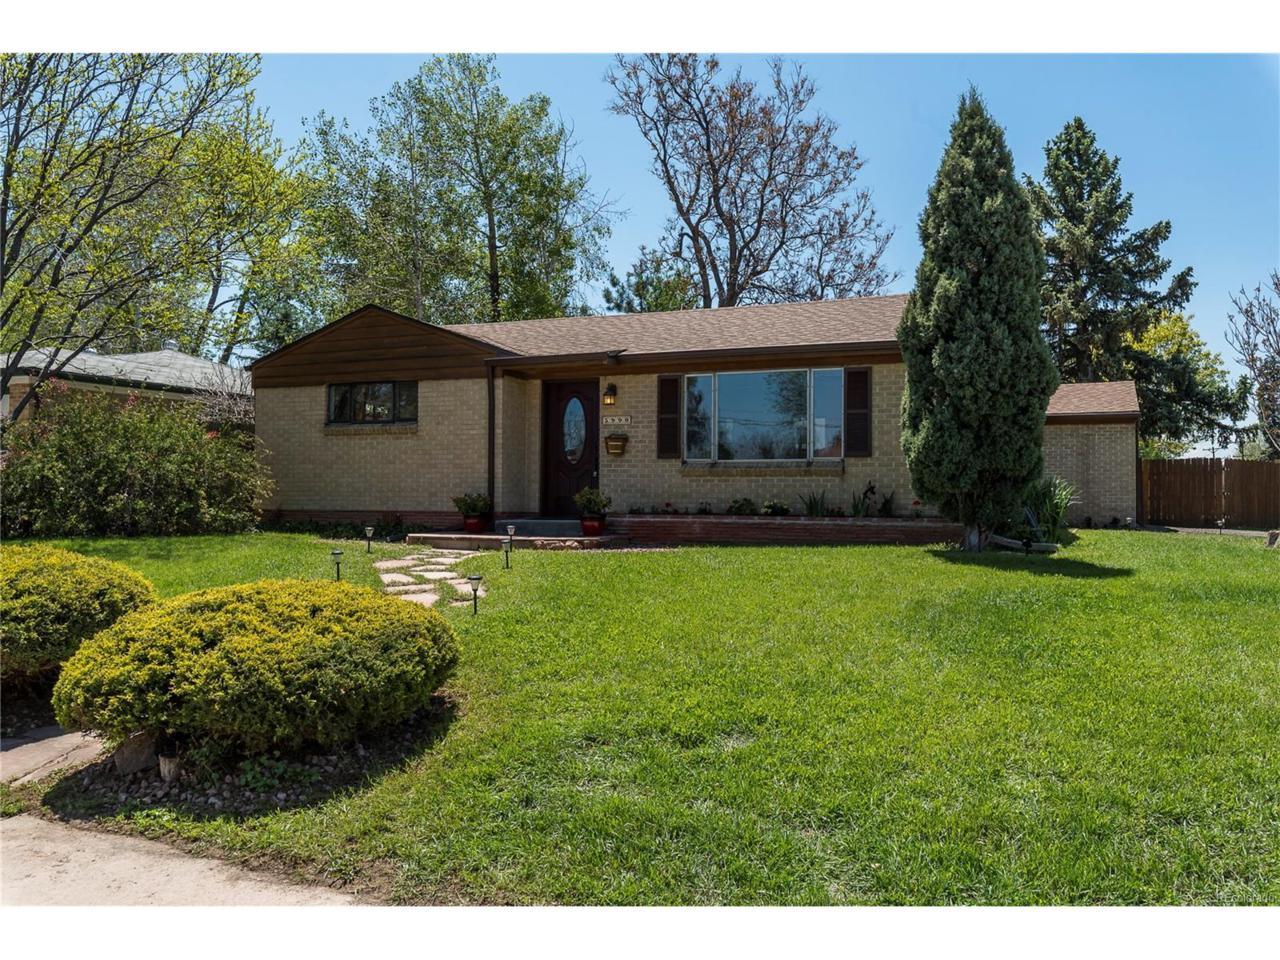 5990 W 34th Avenue, Wheat Ridge, CO 80212 (MLS #3600318) :: 8z Real Estate